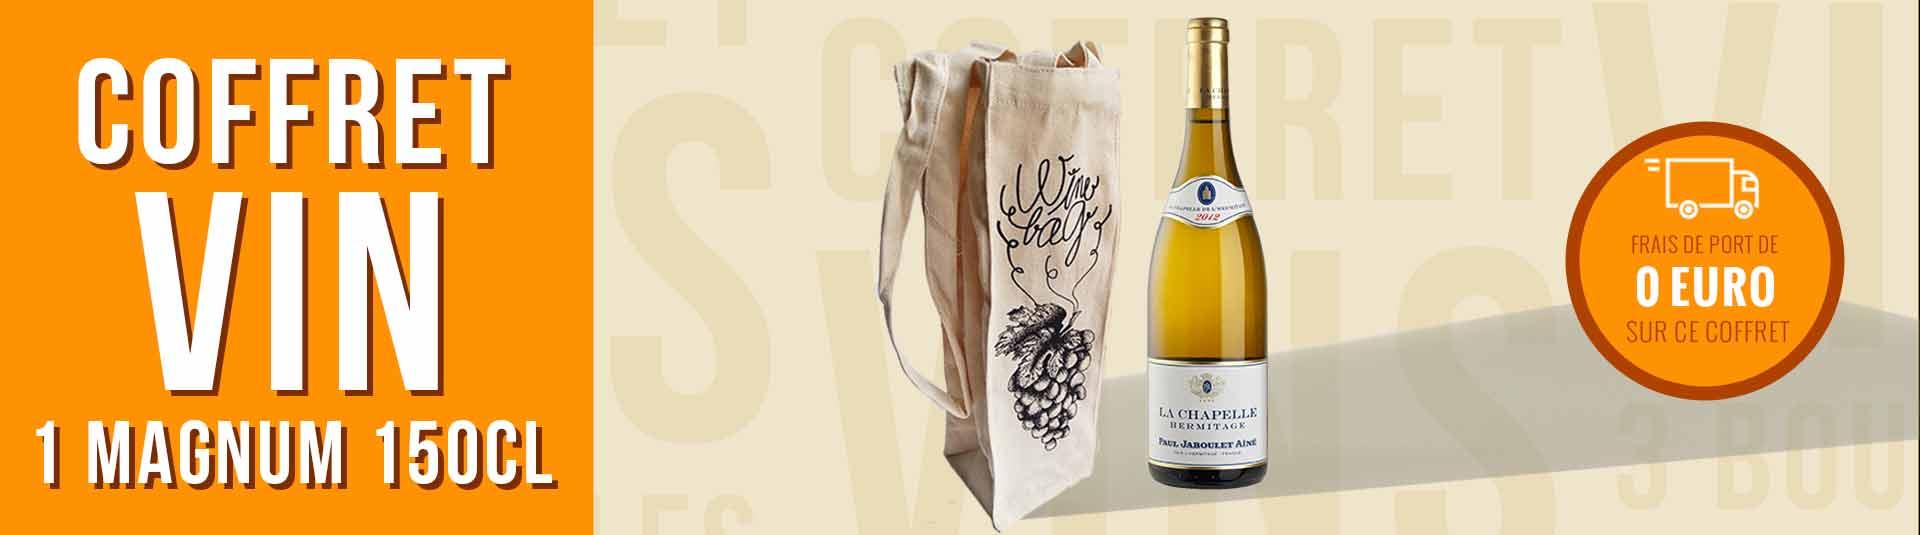 Coffret cadeau vin Magnum Hermitage Blanc